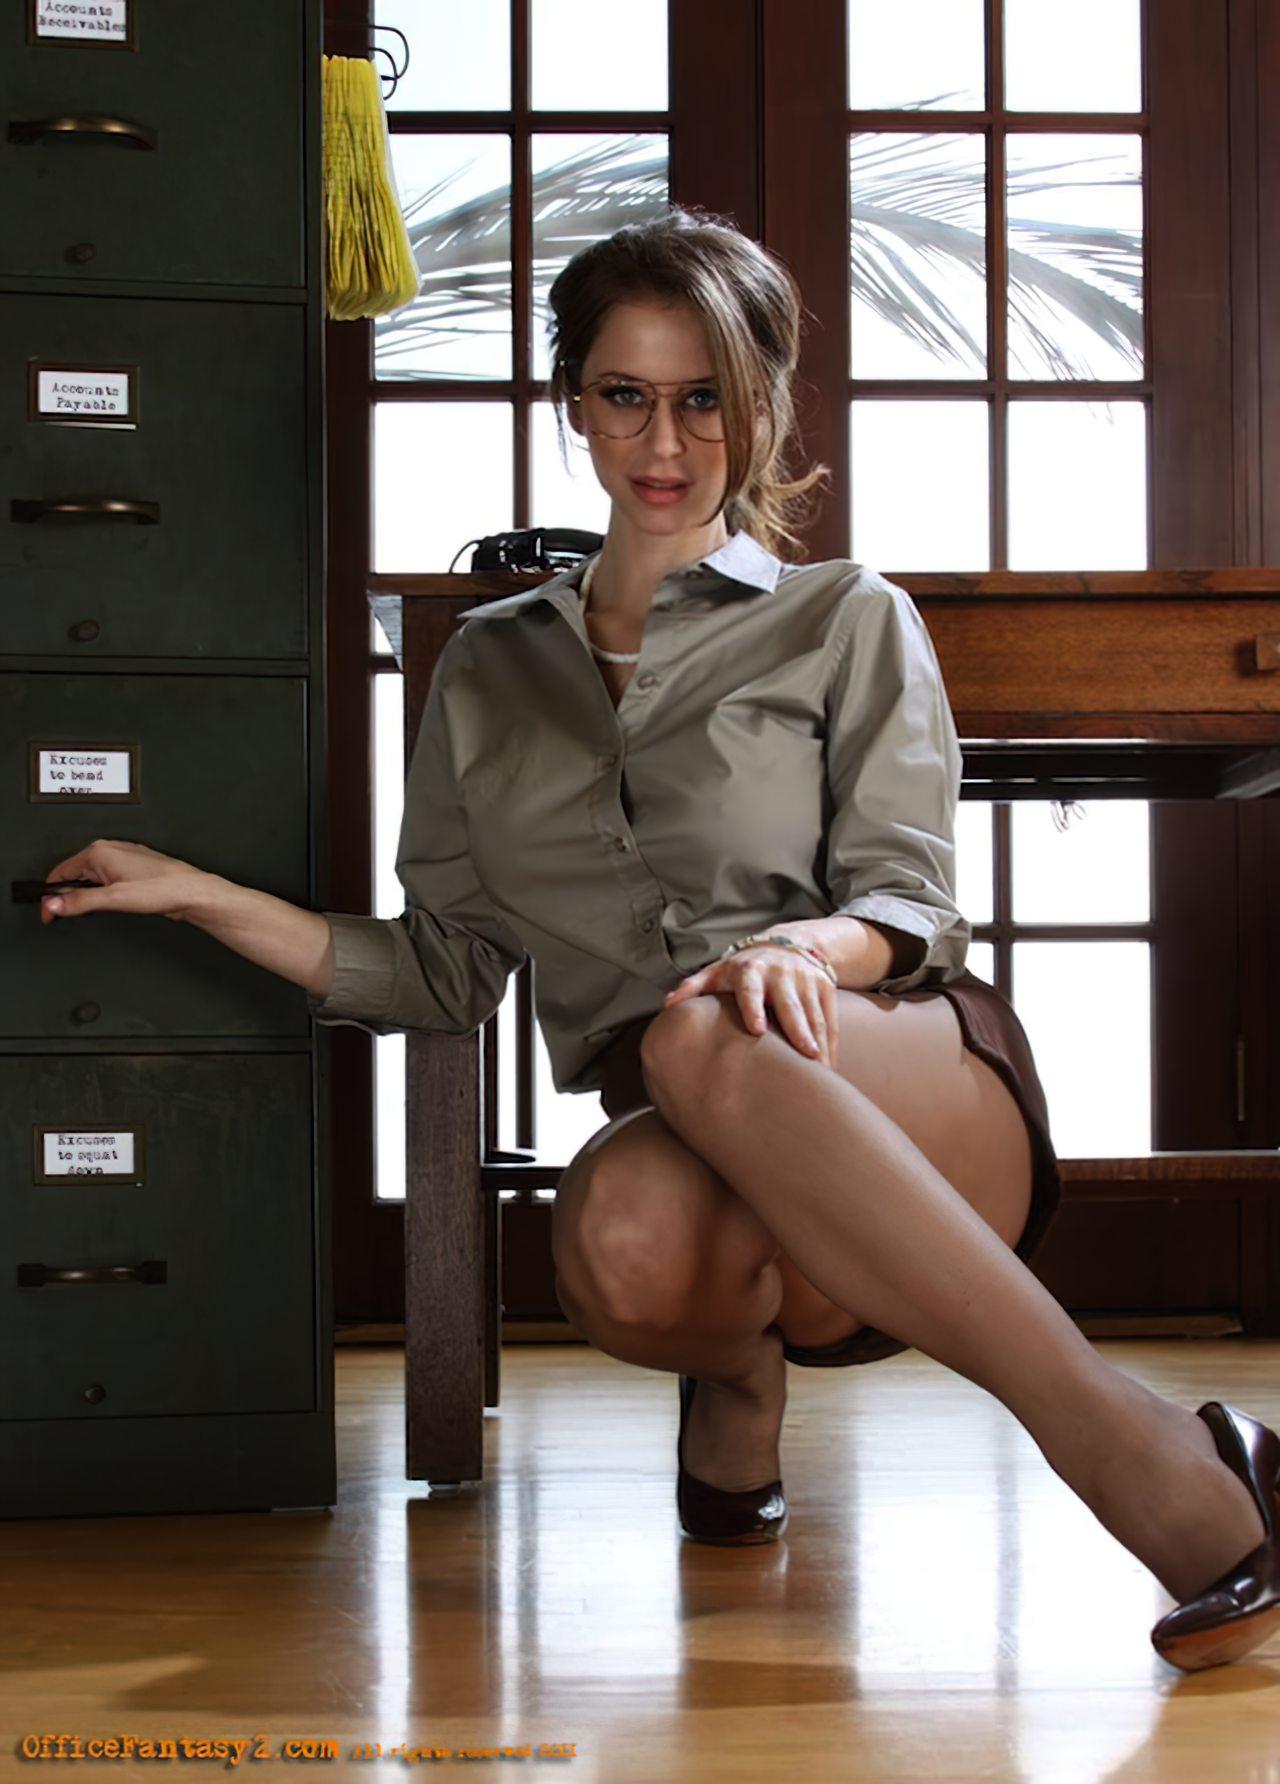 Secretária Sedutora (5)